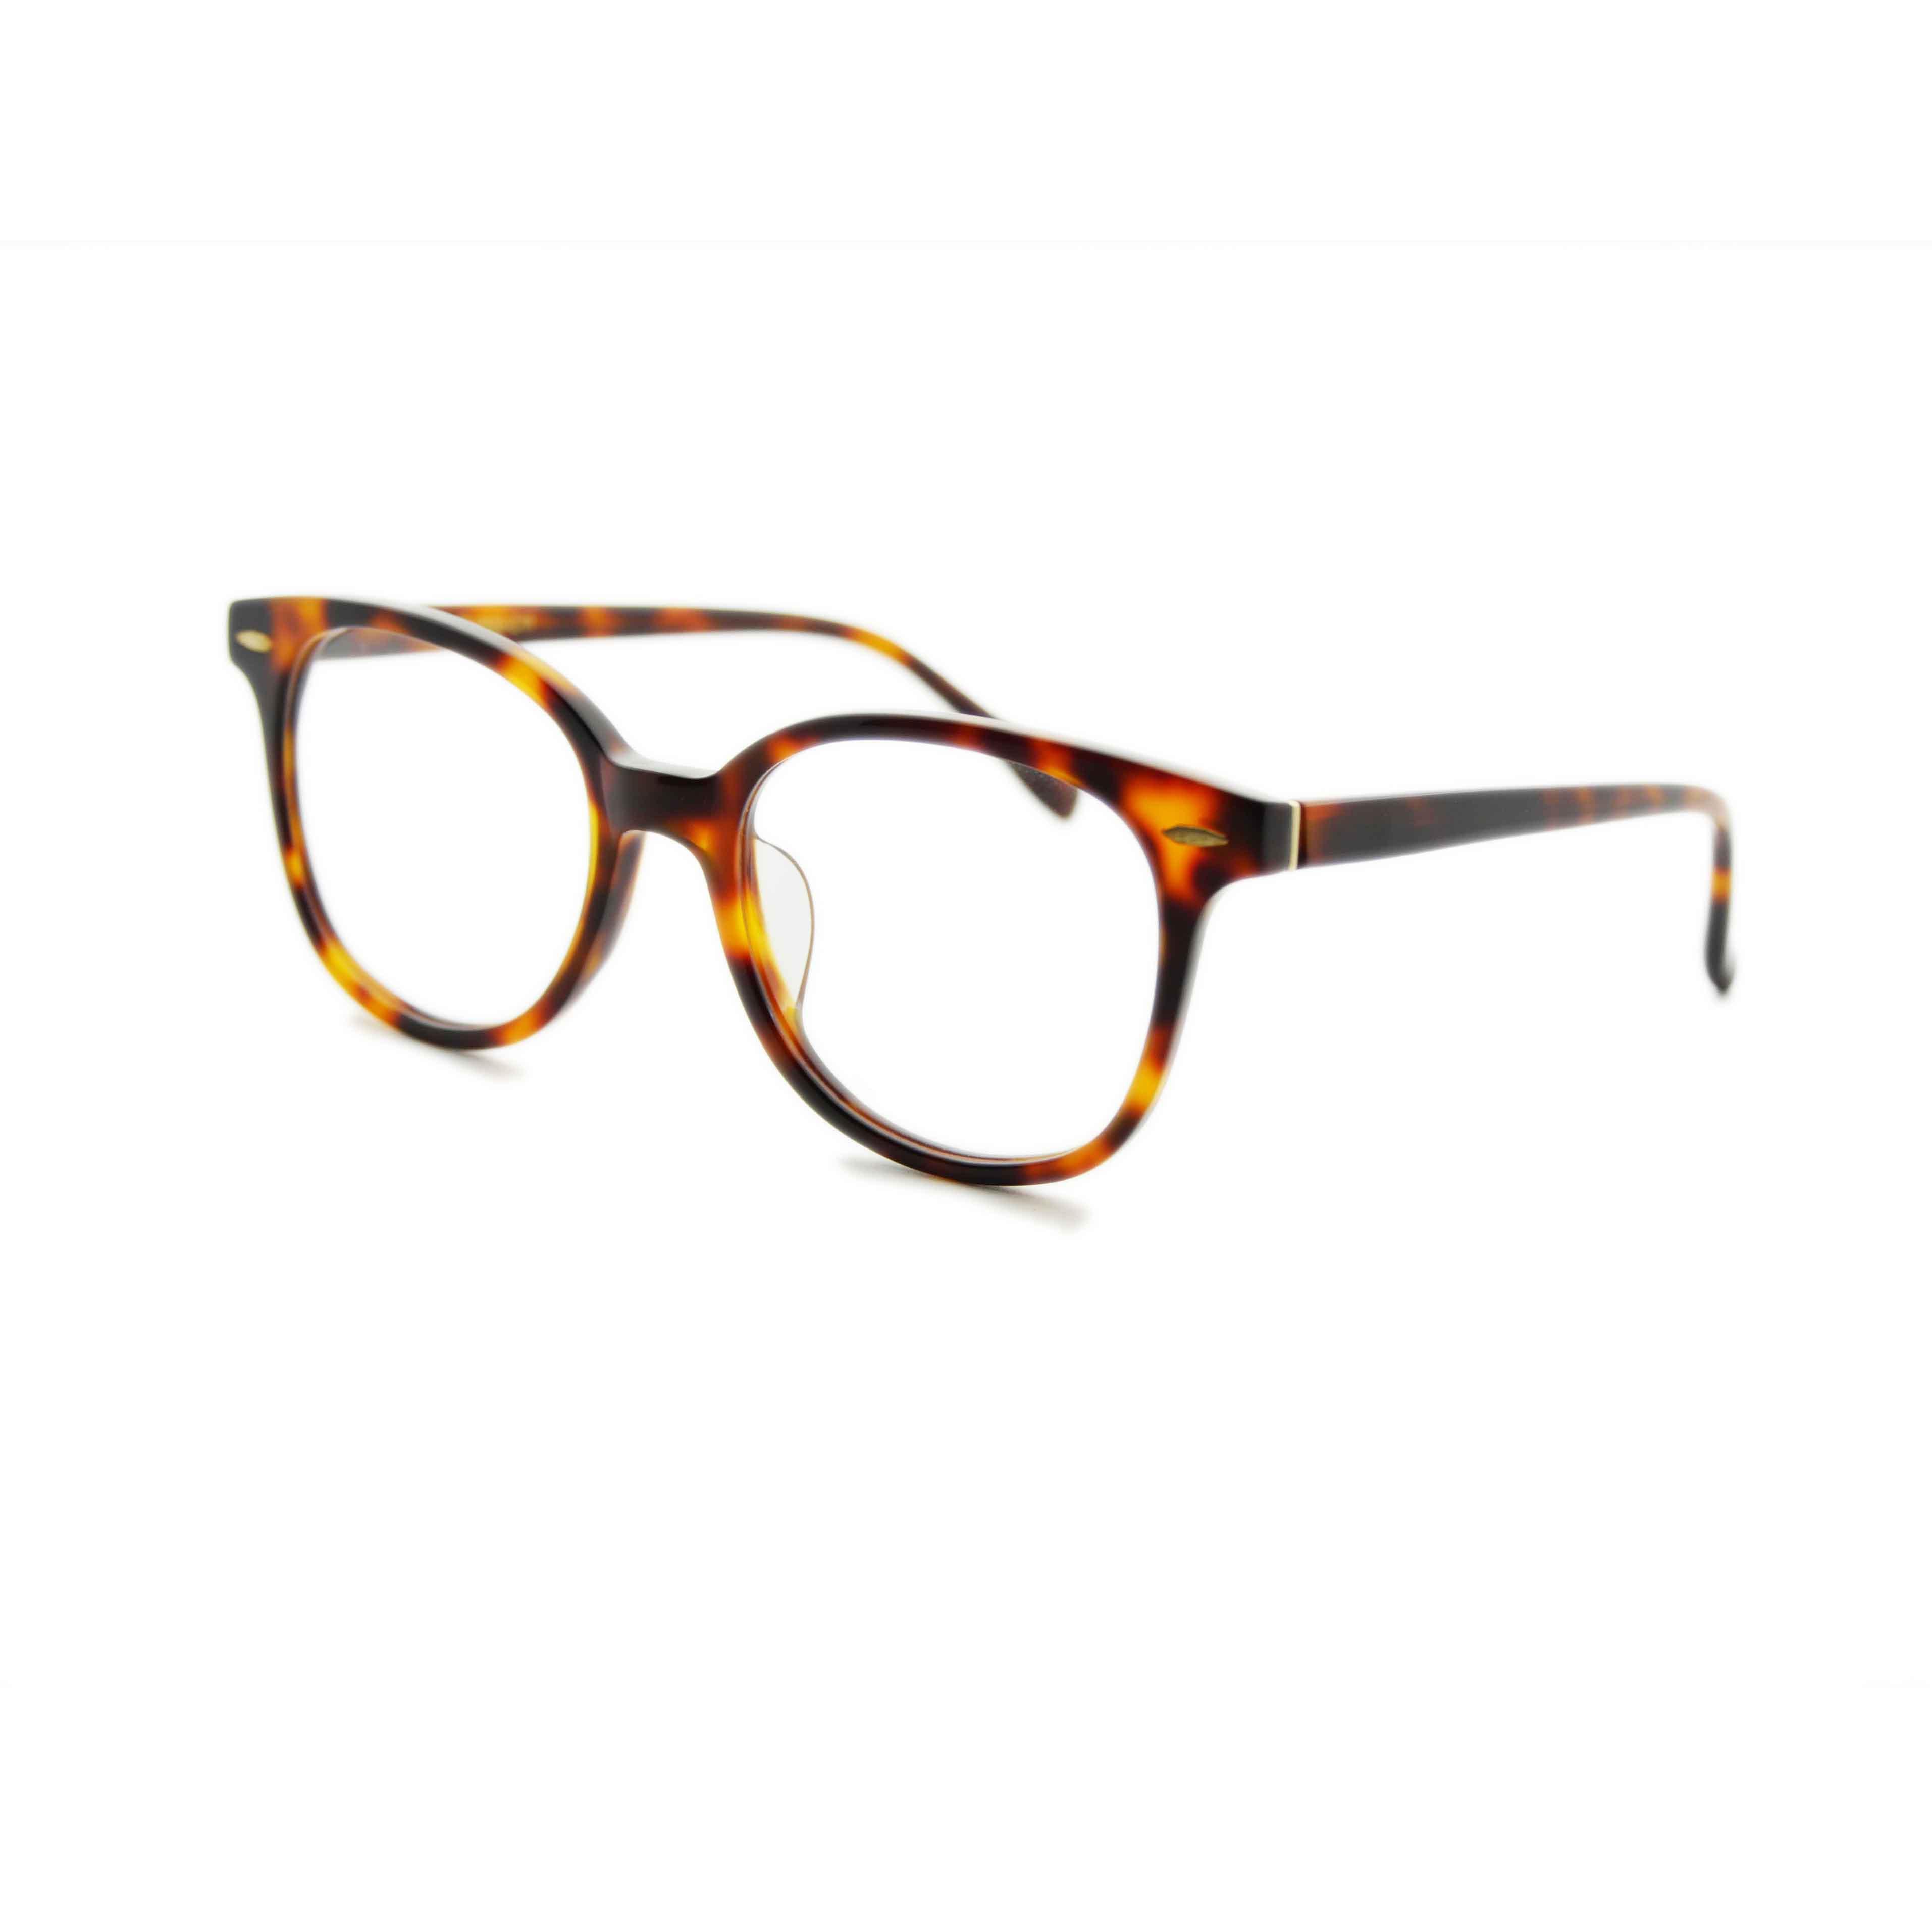 5b9bb0611 مصادر شركات تصنيع شراء النظارات على الانترنت وشراء النظارات على الانترنت في  Alibaba.com